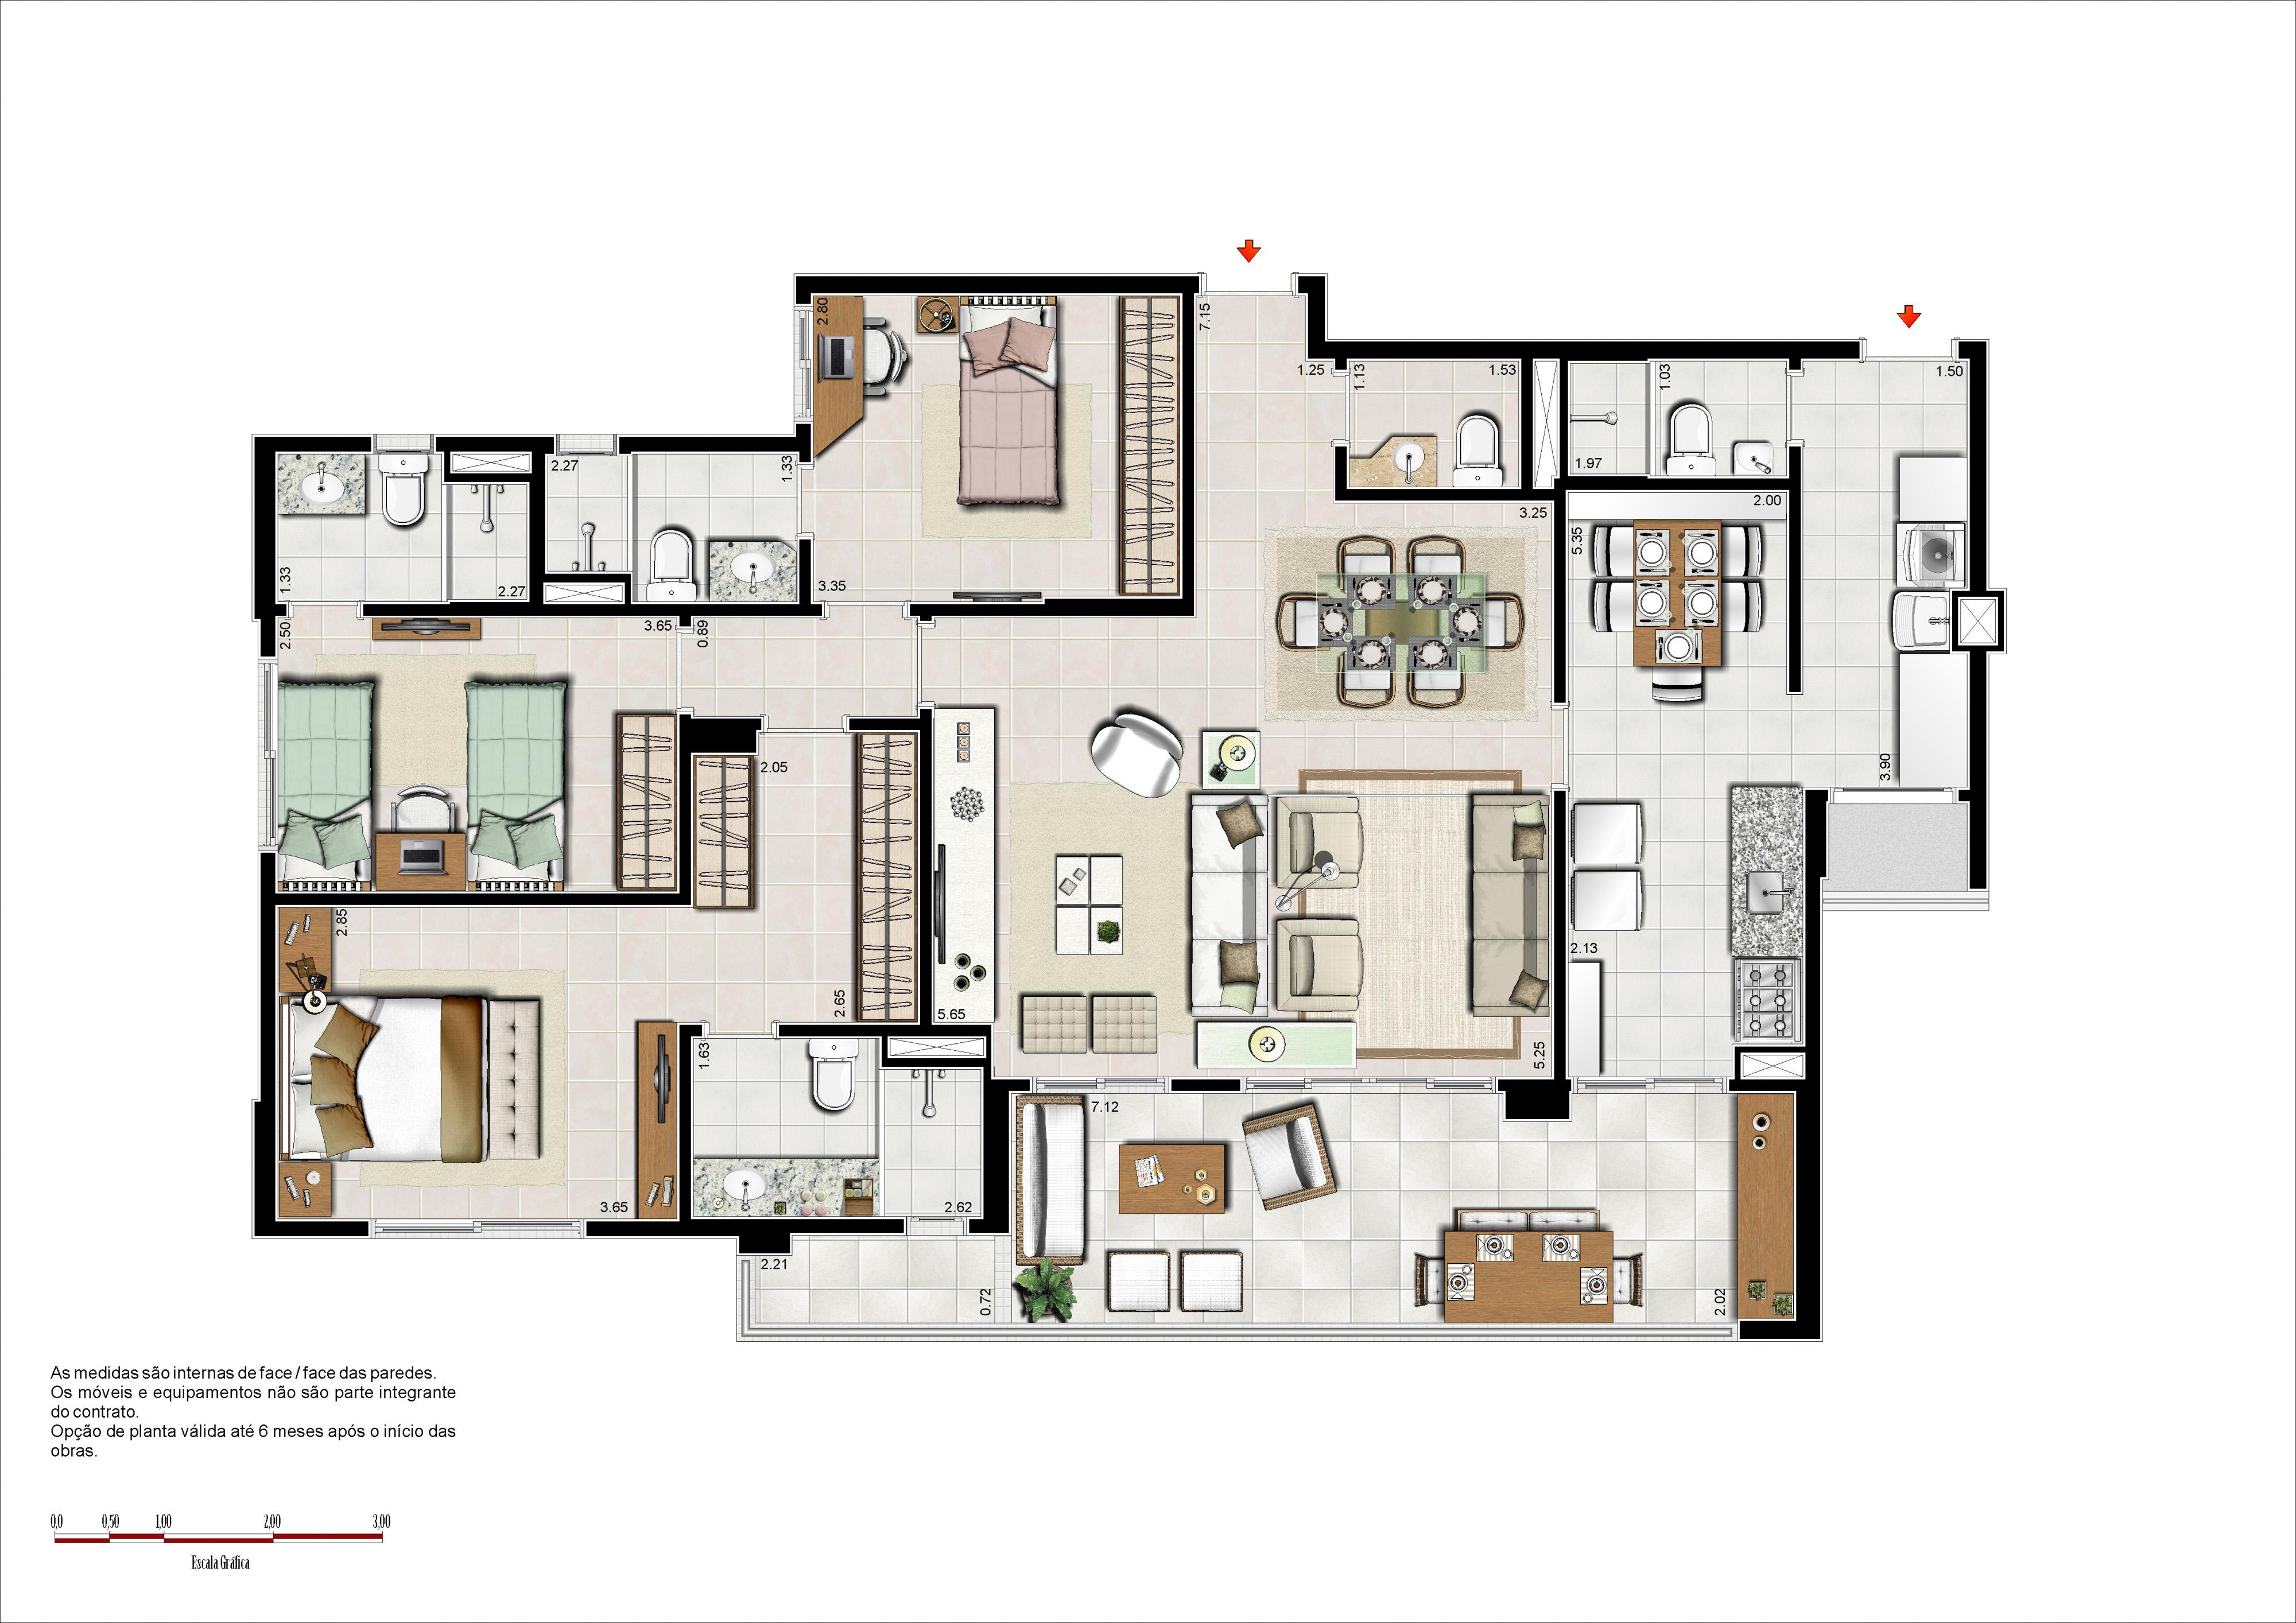 133 m² - 3 suítes com copa e sala ampliada